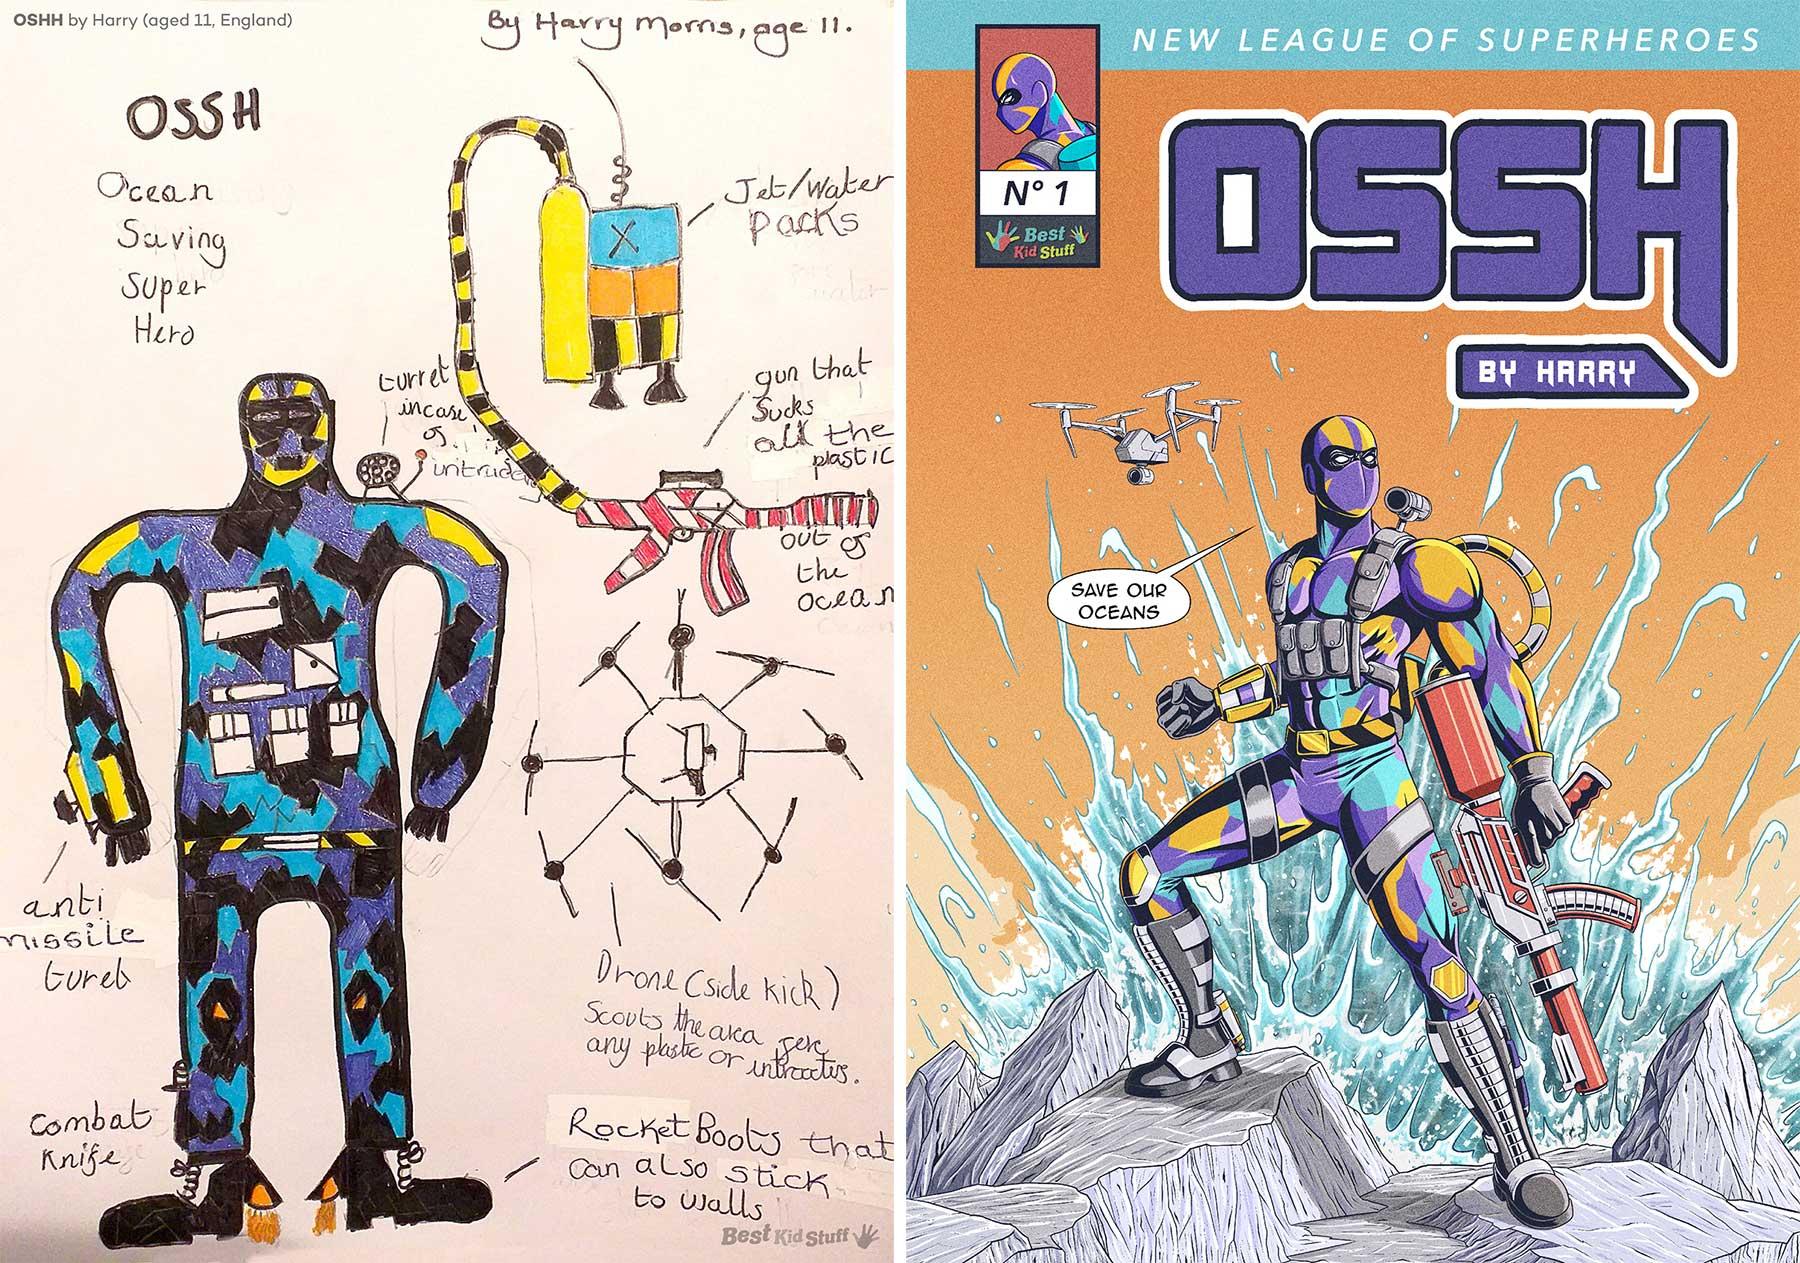 Künstler illustrieren Comic-Cover aus Kinderzeichungen von Superhelden Kinder-malen-Superhelden-profis-illustrieren-comic-cover